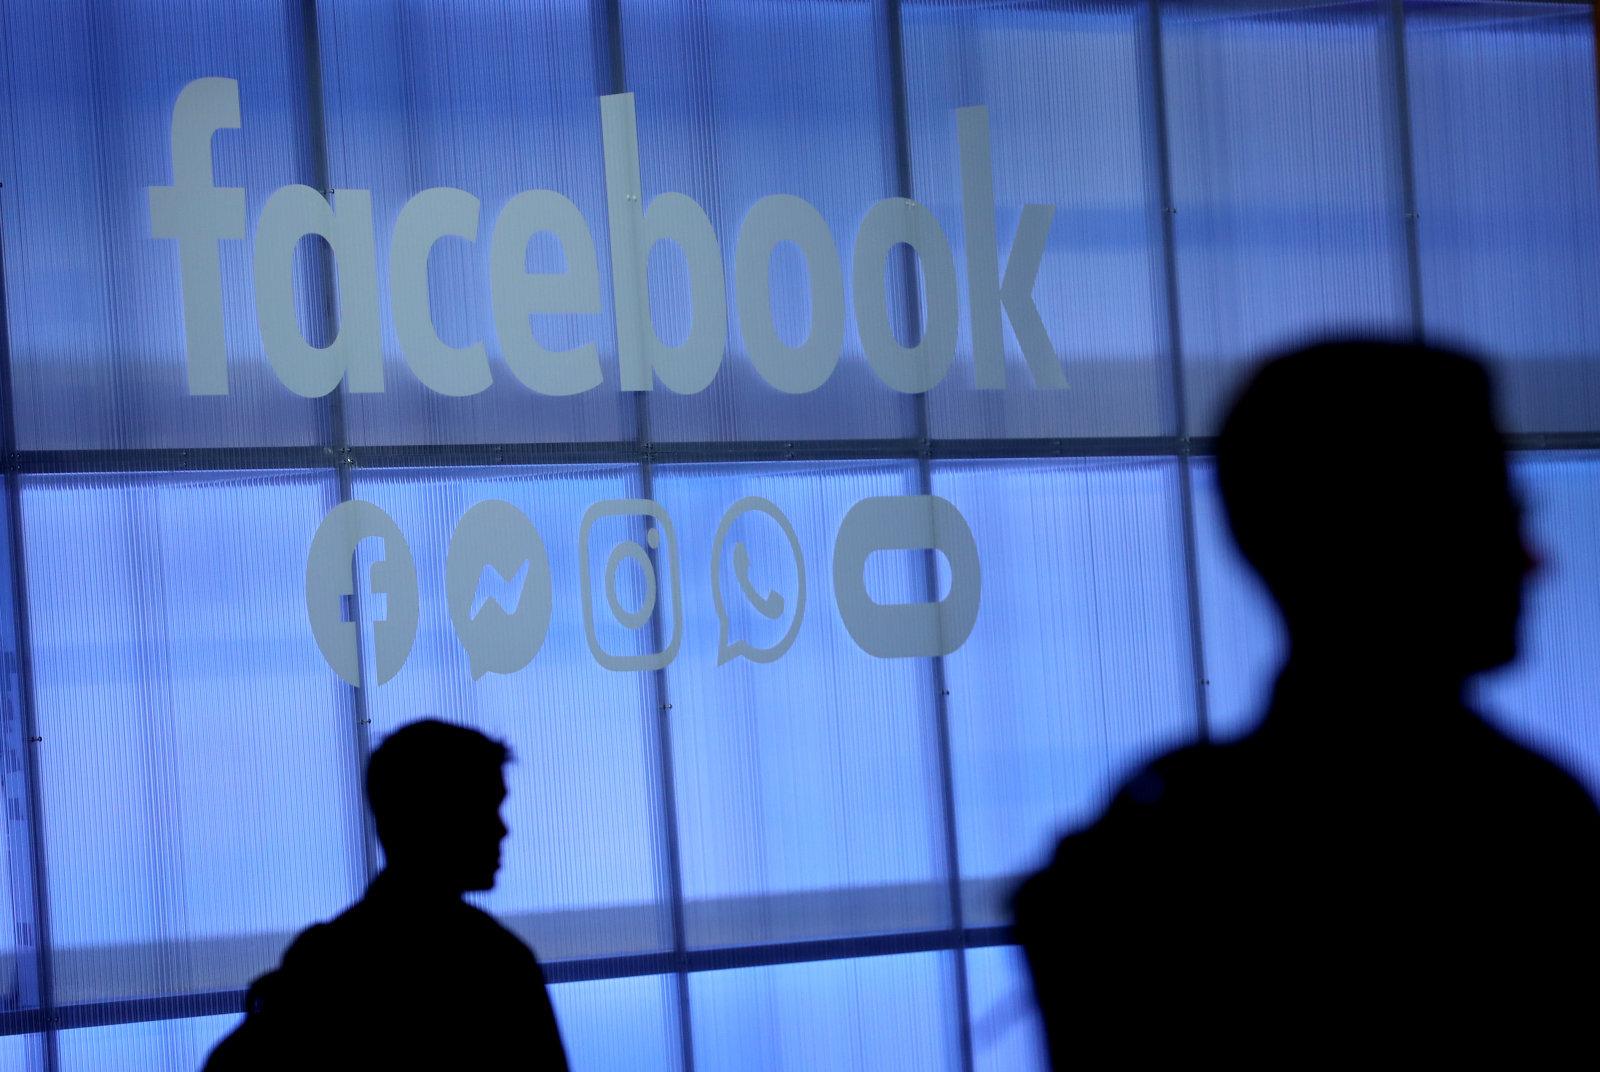 ВСША фейсбук  оштрафовали на5 млрд долларов